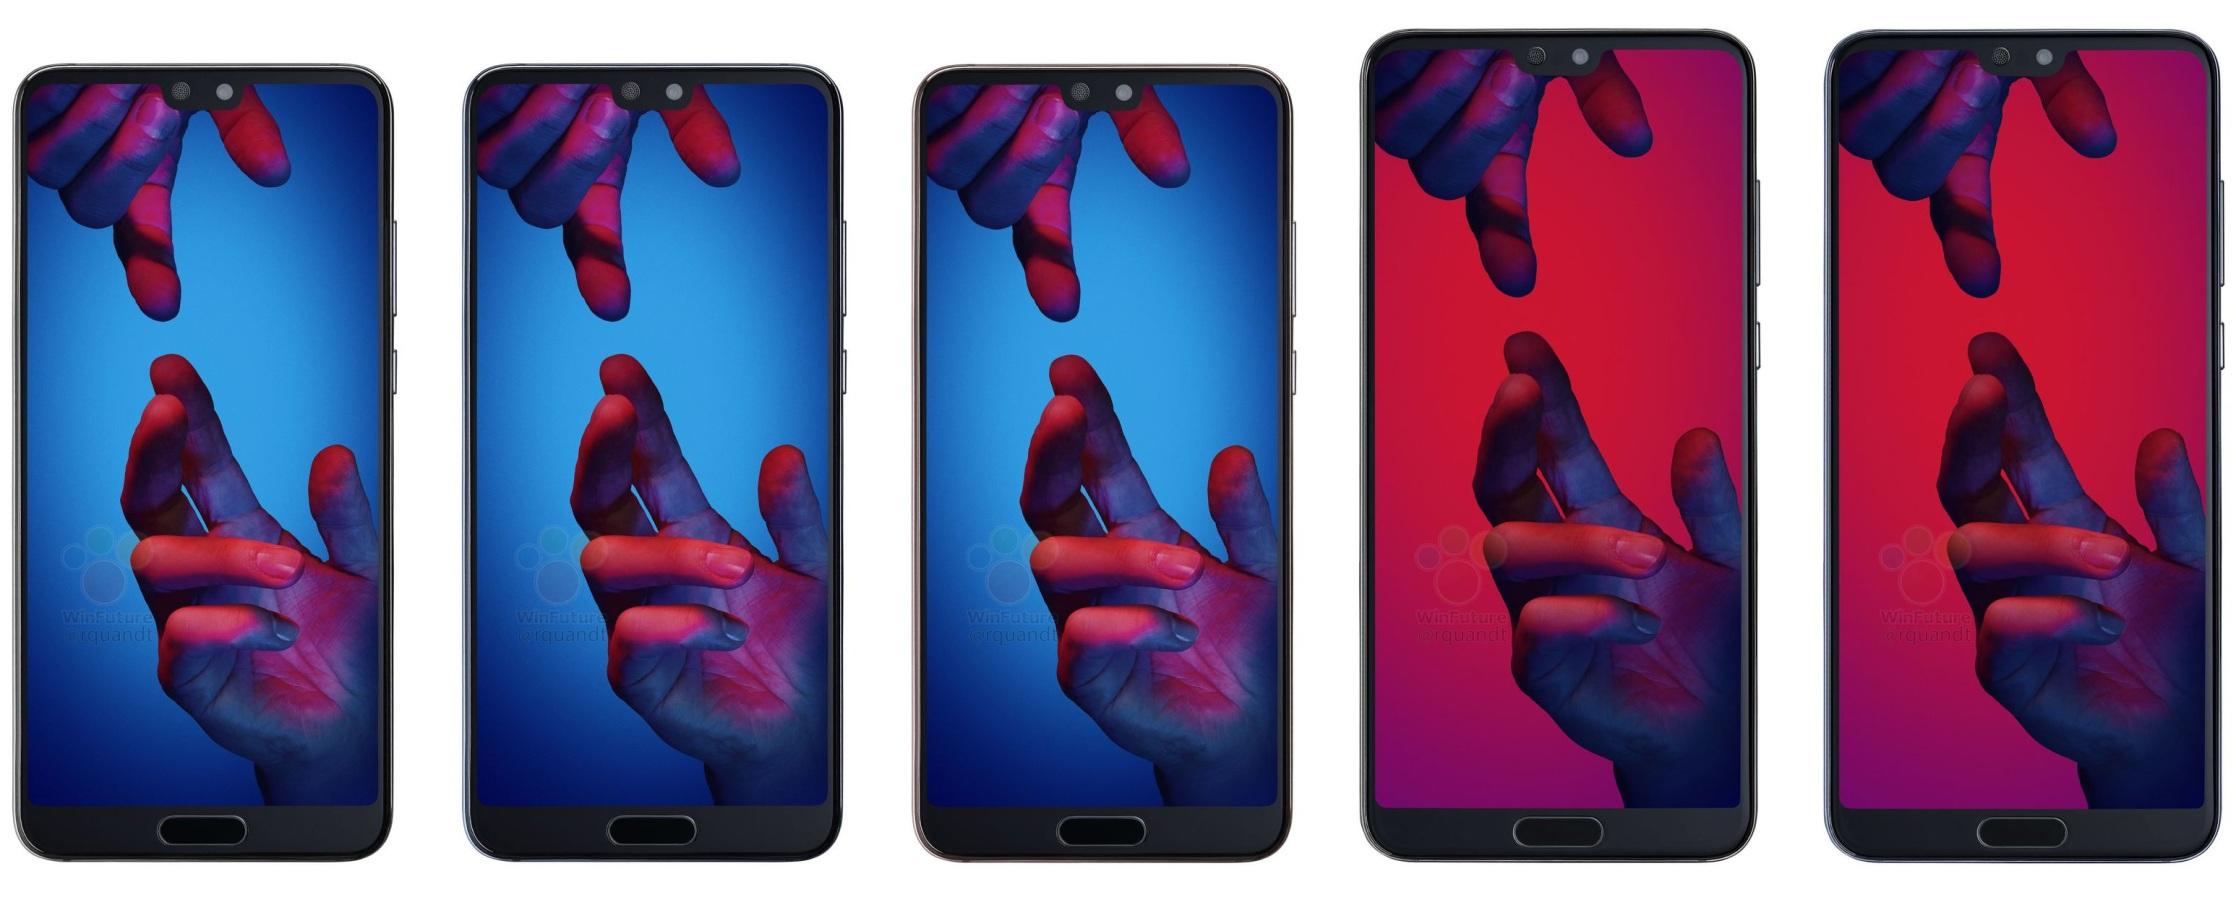 Huawei P20 nueva filtración de precios